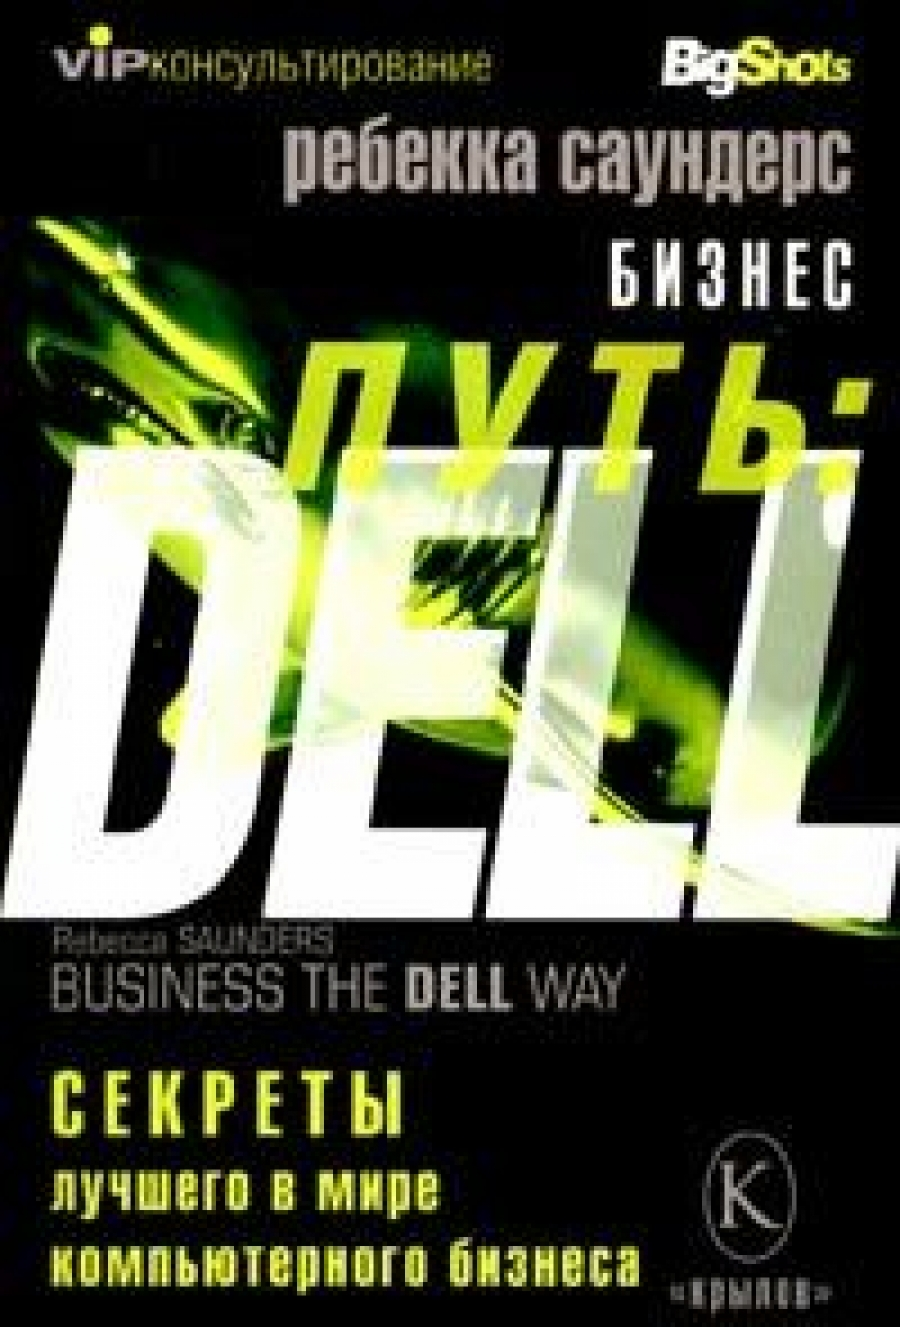 Обложка книги:  бизнес путь dell. 10 секретов лучшего в мире компьютерного бизнеса